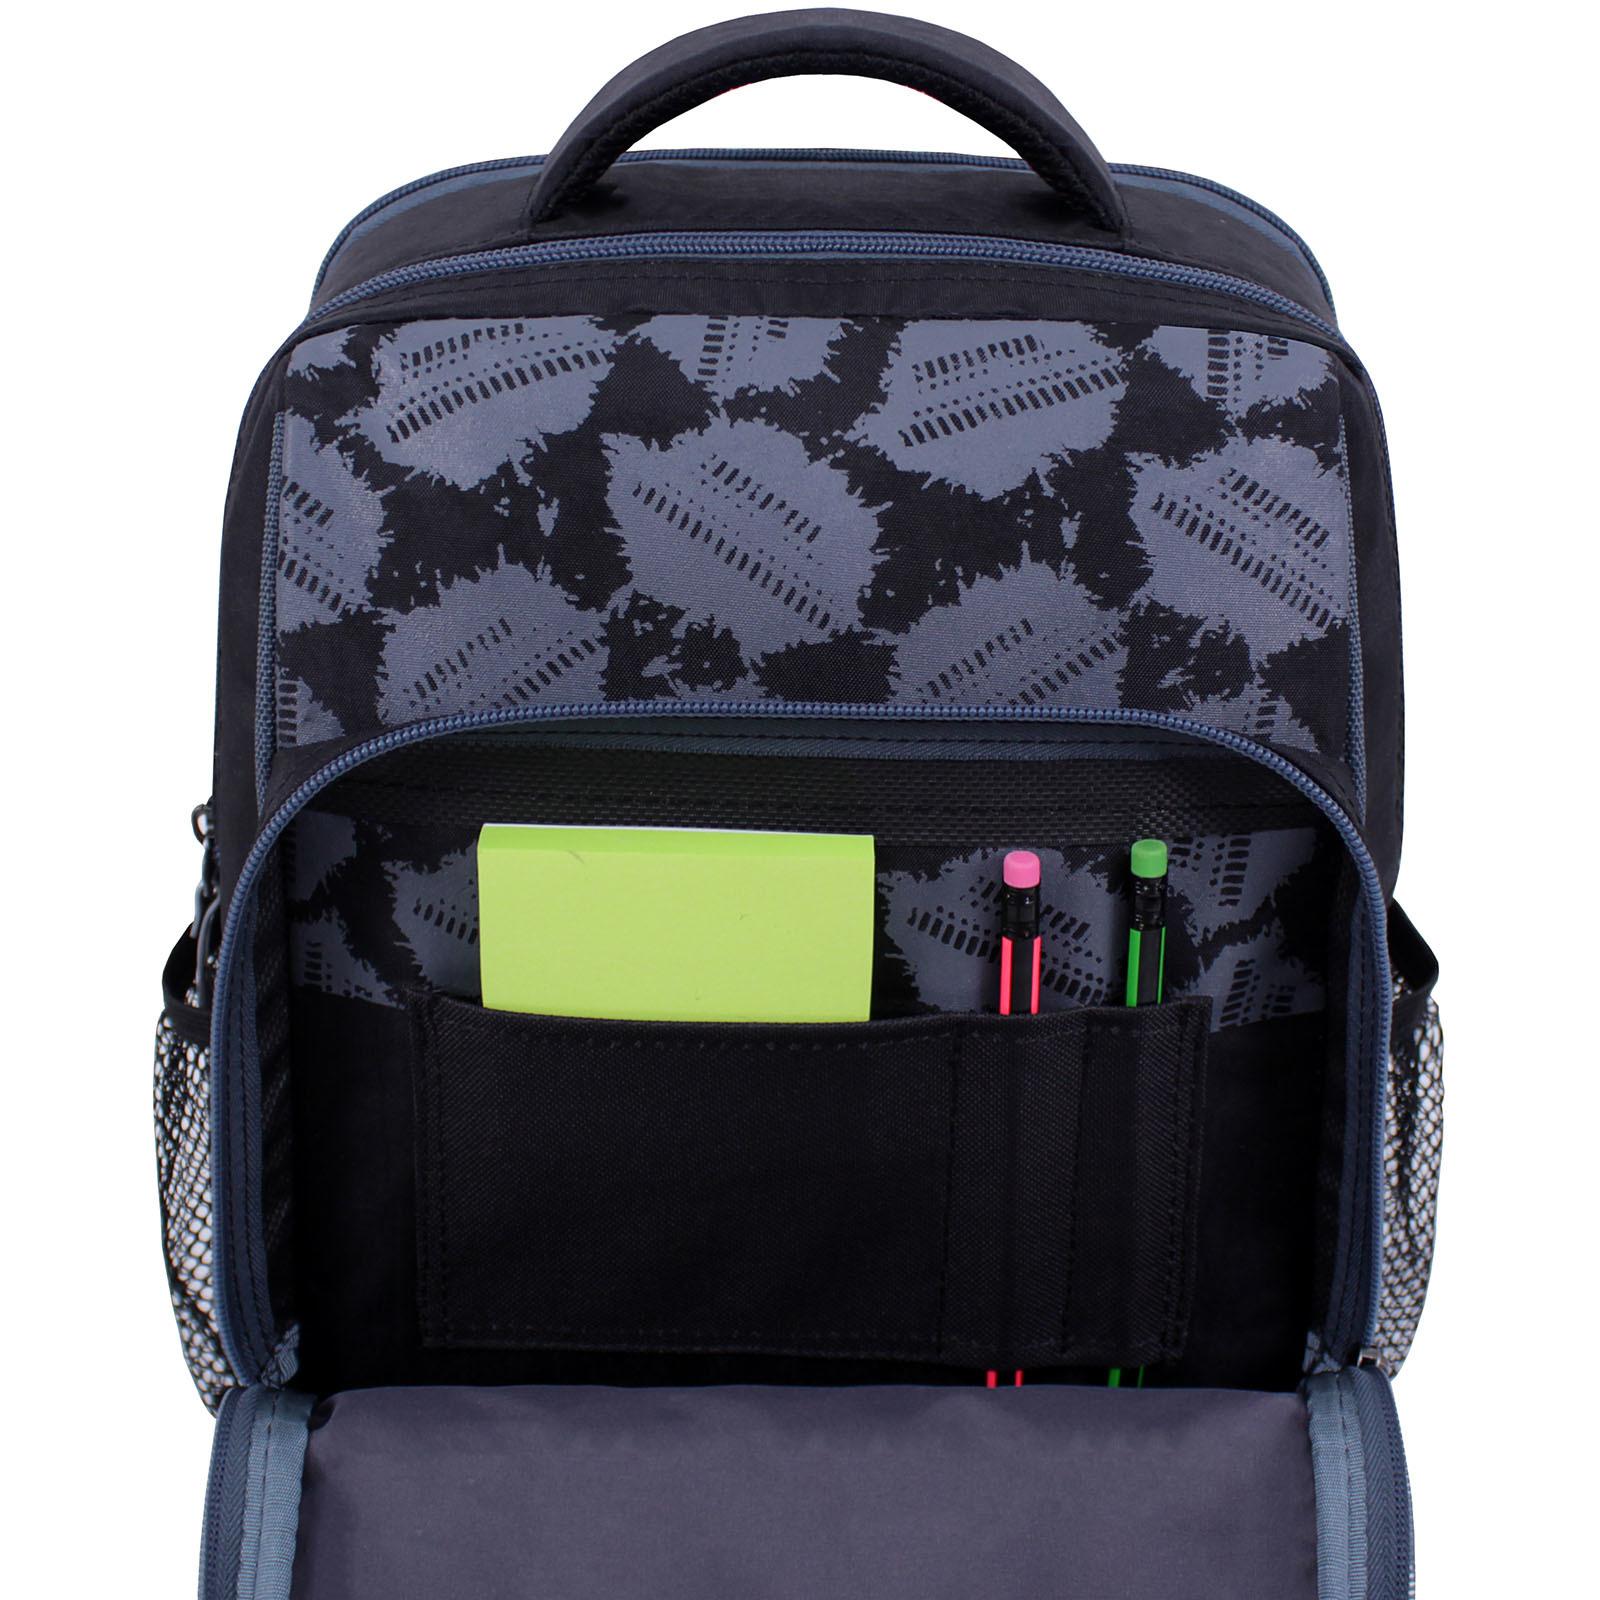 Рюкзак школьный Bagland Школьник 8 л. 321 черный 505 (00112702) фото 4